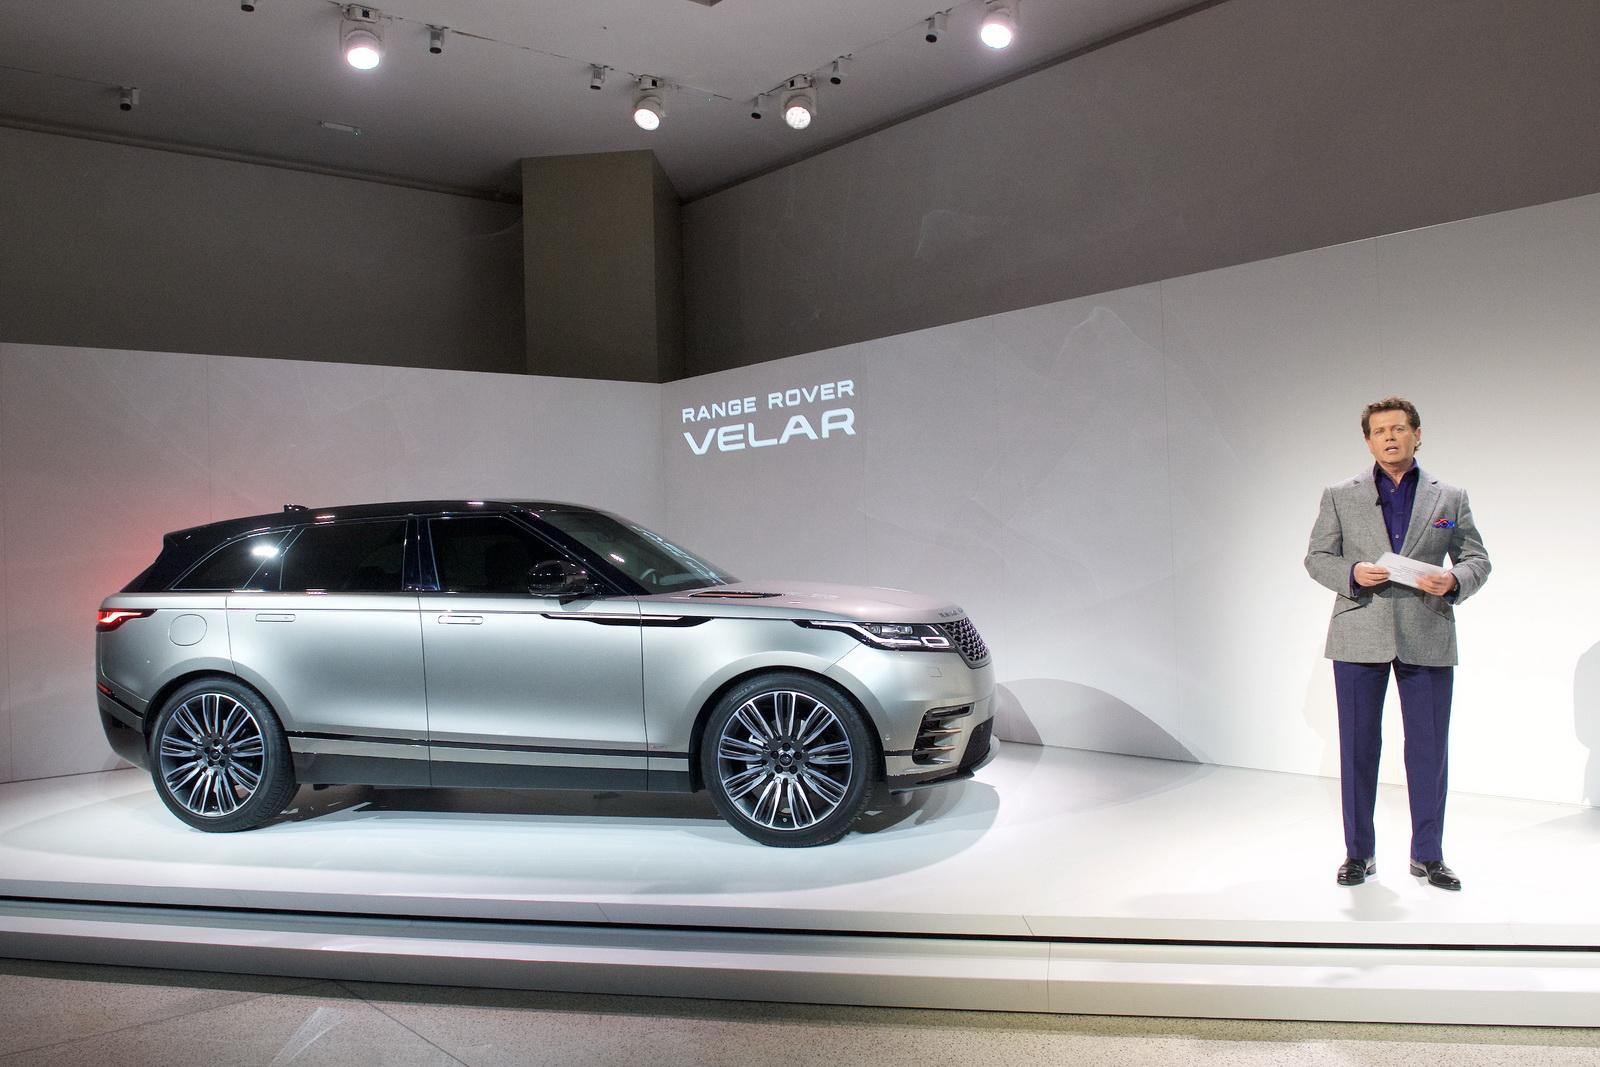 Range Rover Velar in Geneva 2017 (16)